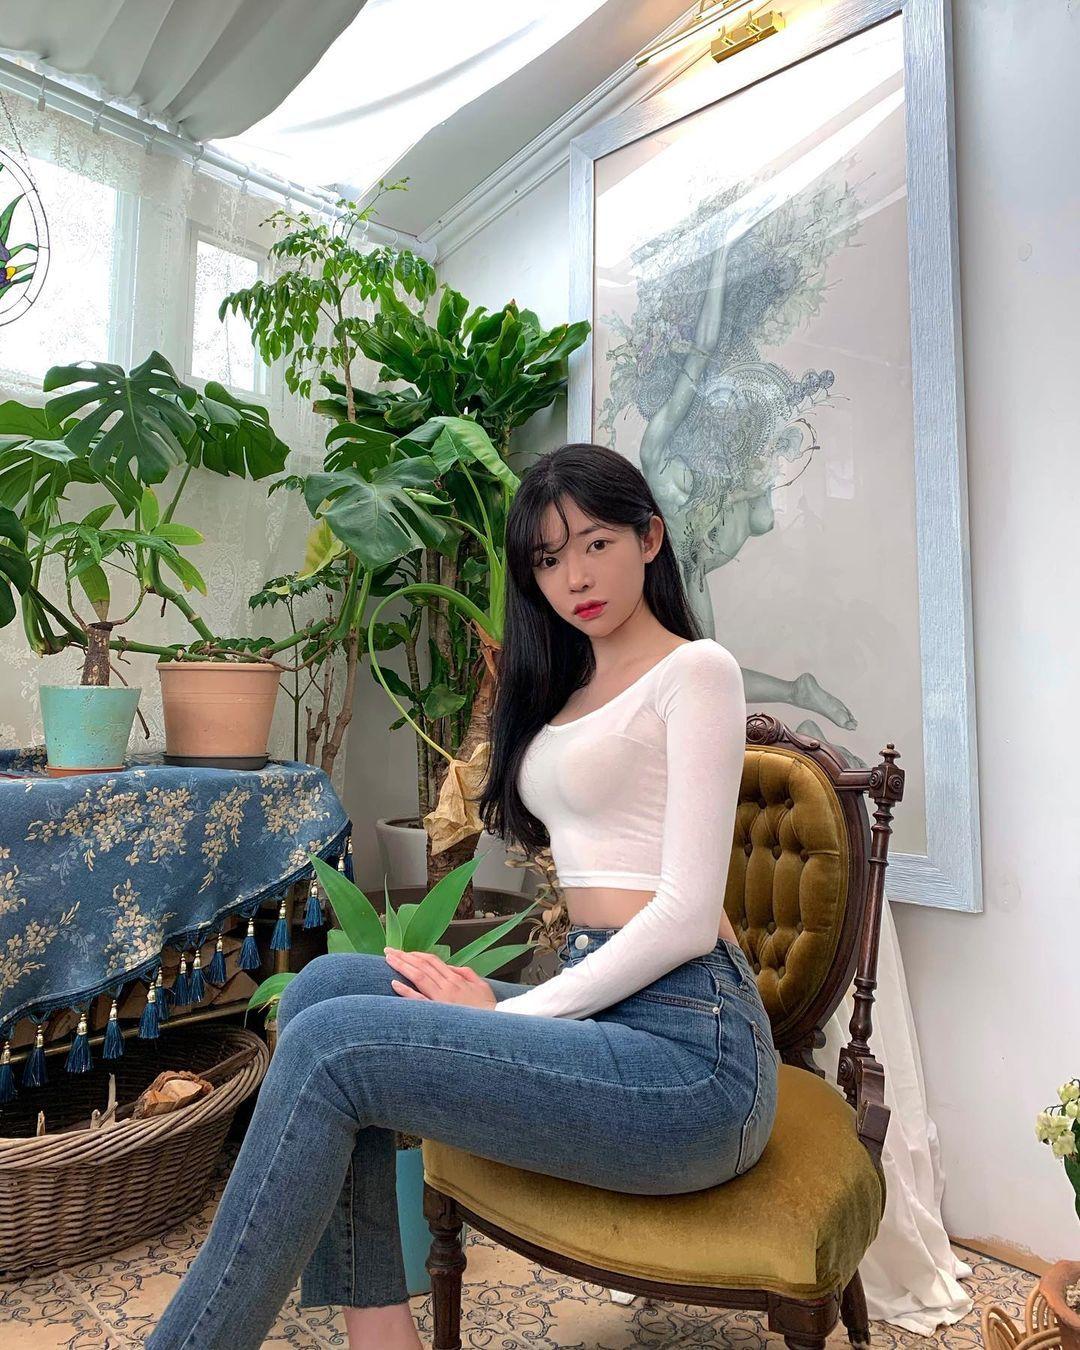 韩国街头超正短裙长腿妹,身材纤细却有料,清纯脸蛋藏着小恶魔的内在 养眼图片 第5张